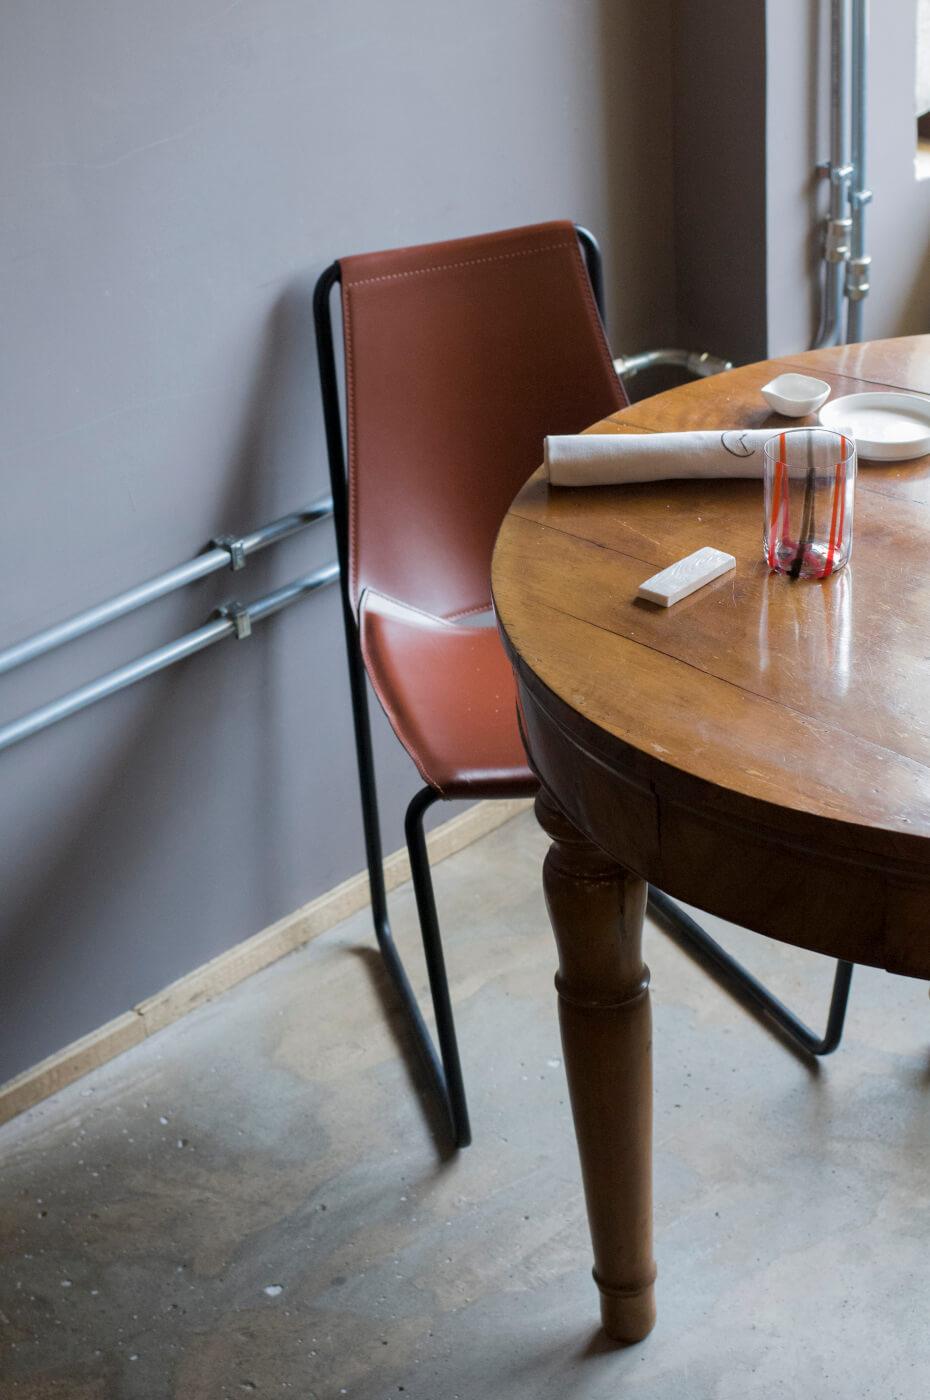 Particolare sedia Apelle con gambe in metallo nero e seduta in cuoio marrone